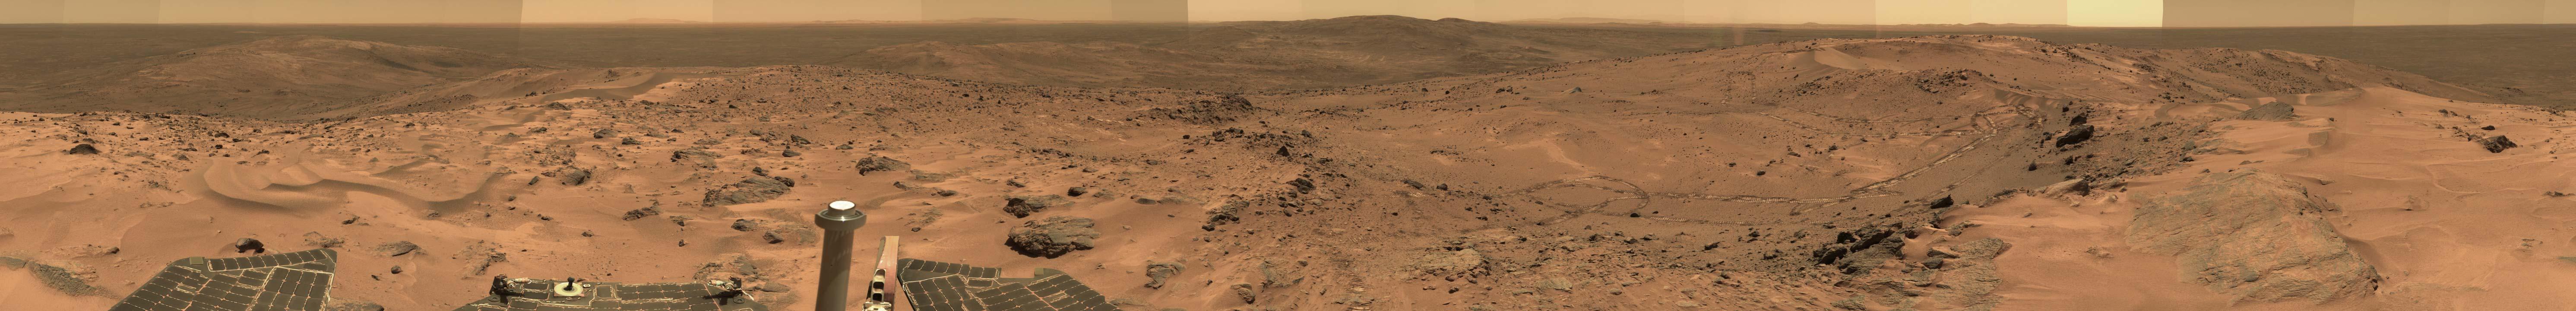 Everest Panorama dari Mars